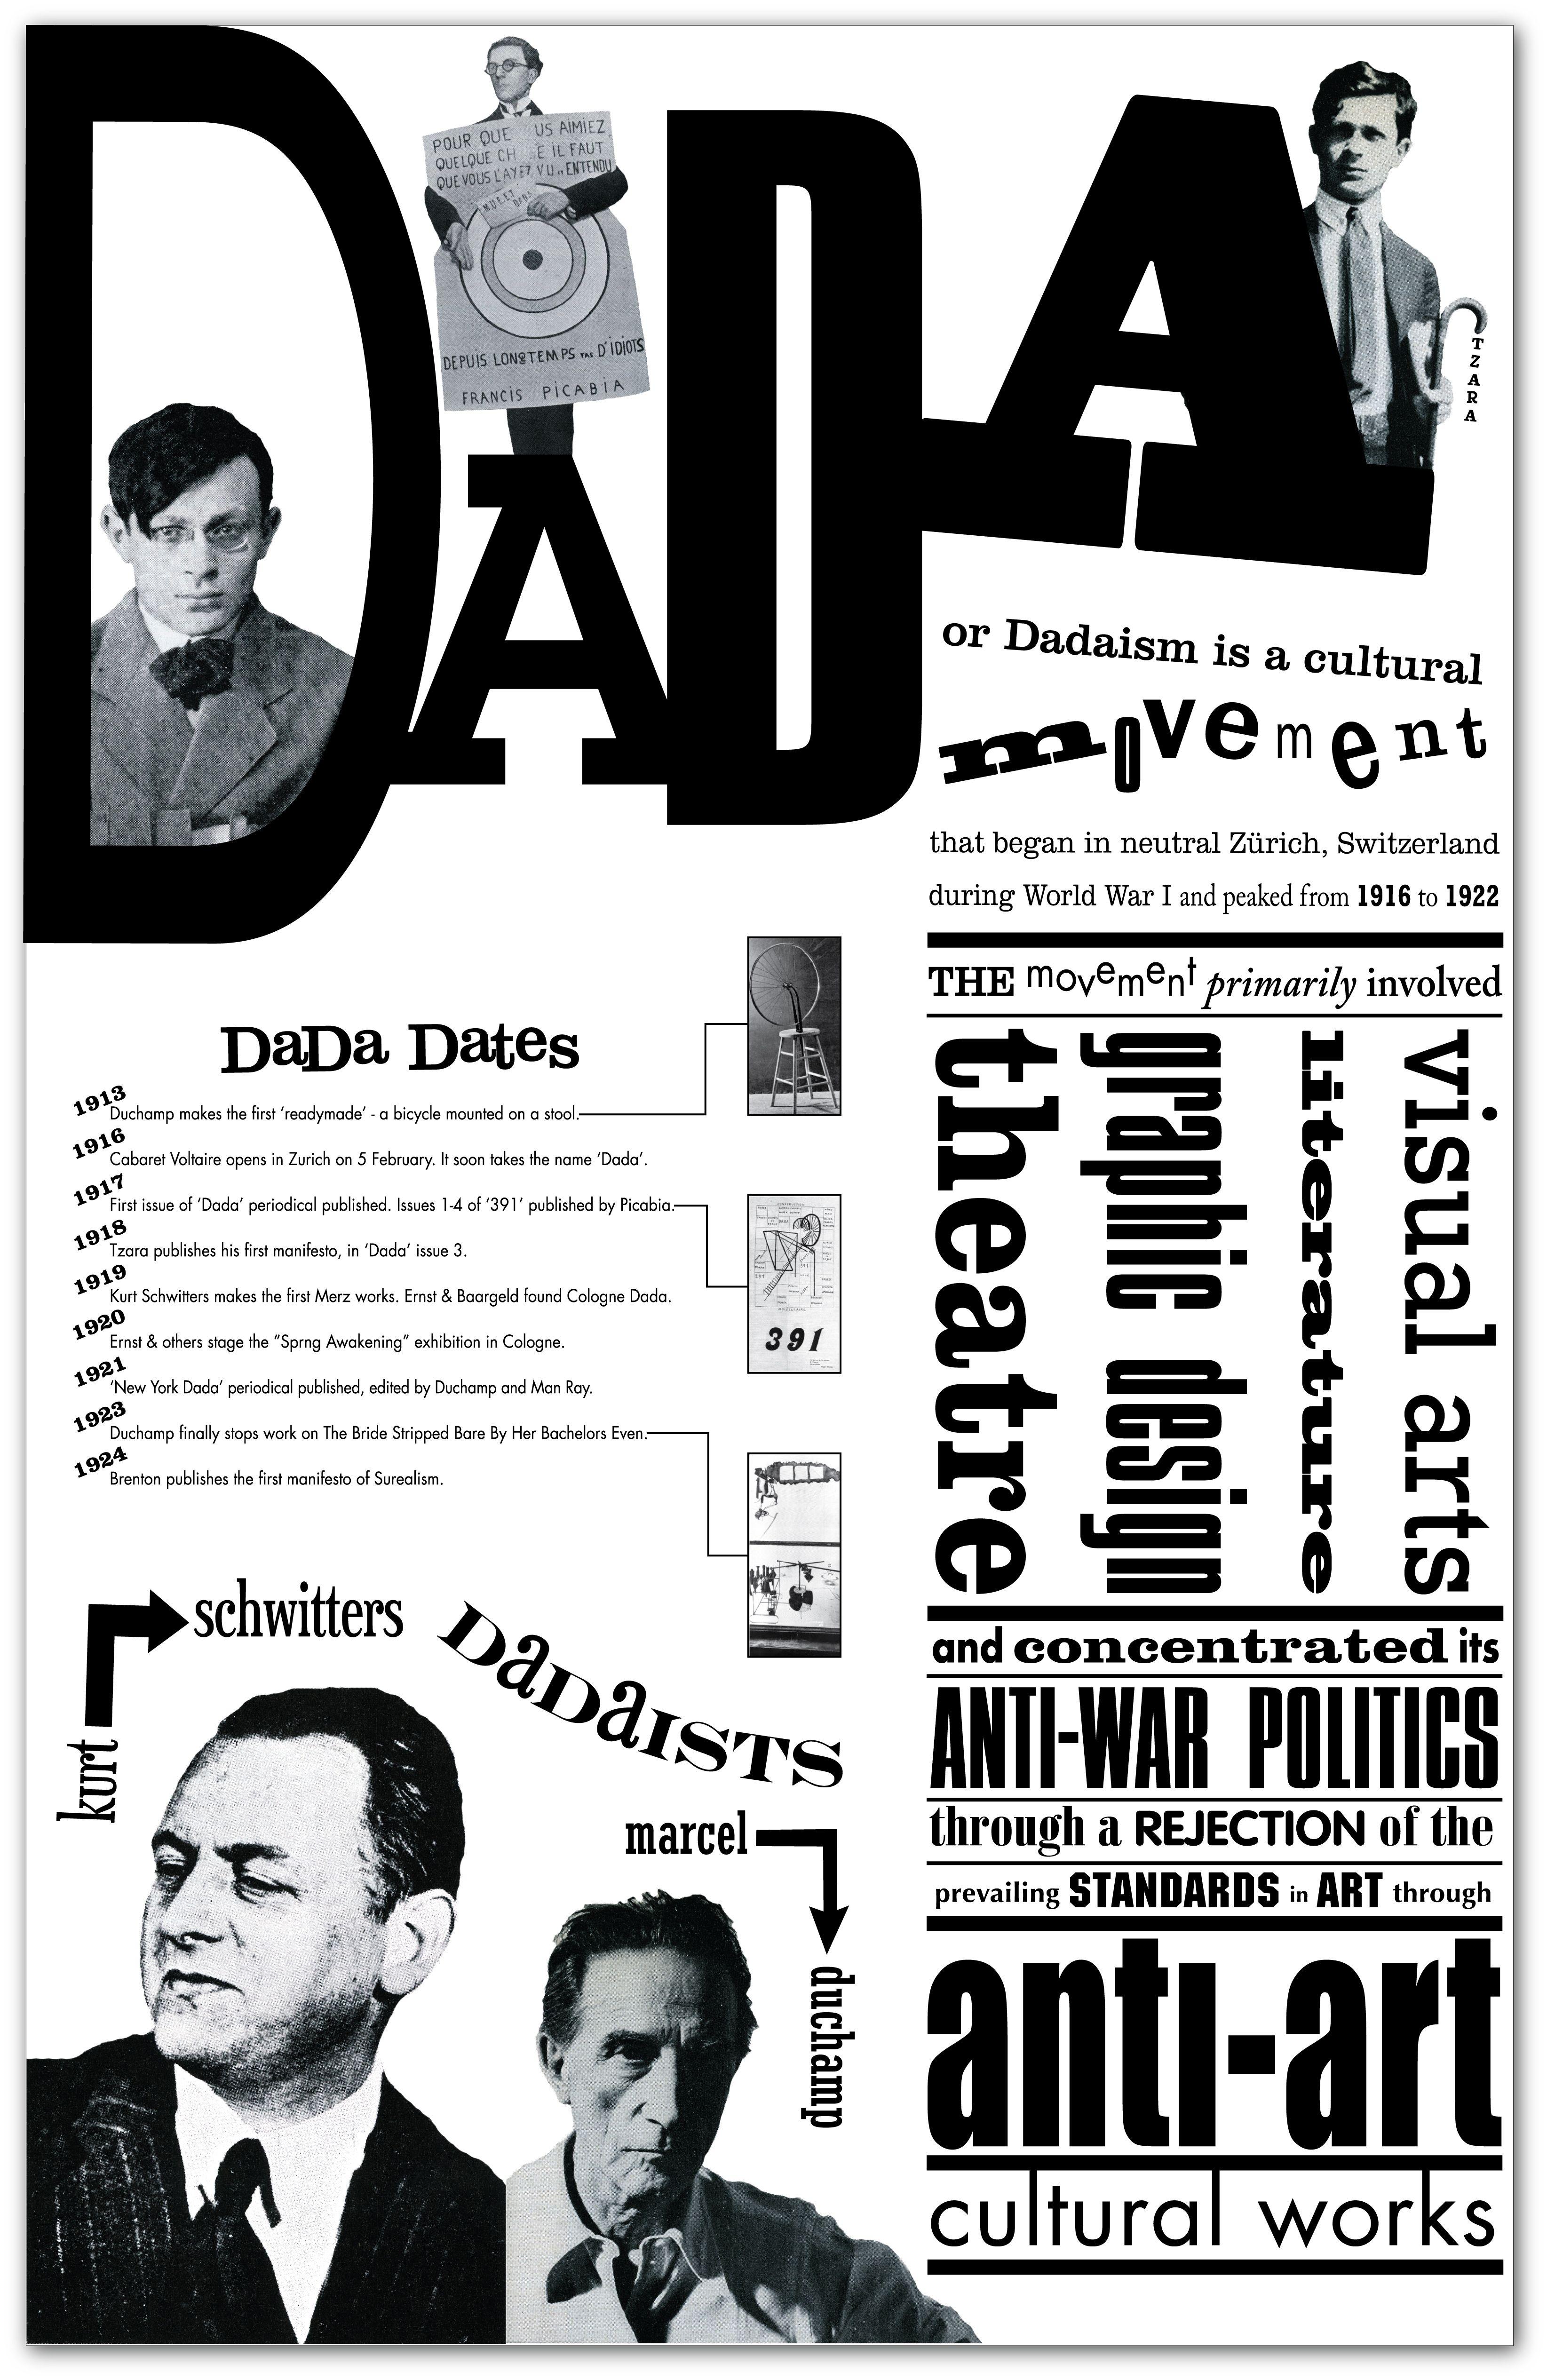 Photo of Interessante manier van het weergeven van typografie; Speels, maar toch enig zin…